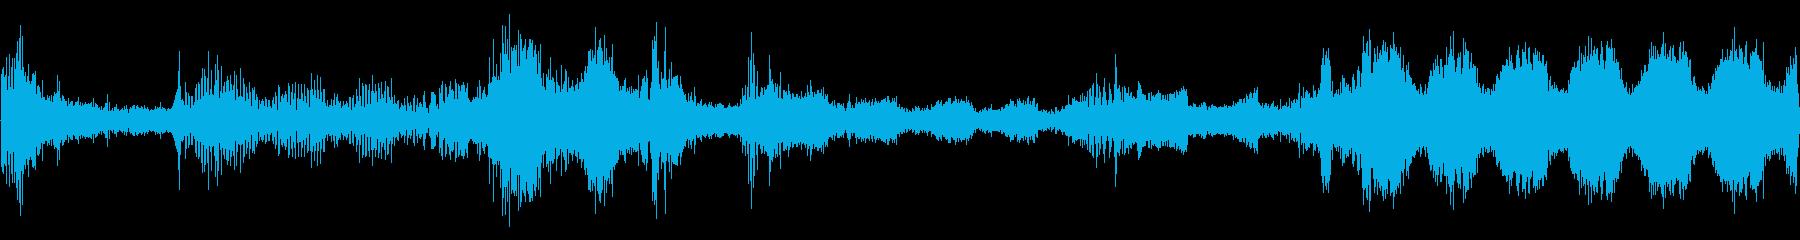 ガンマ線研磨、リズミカルなst音の再生済みの波形